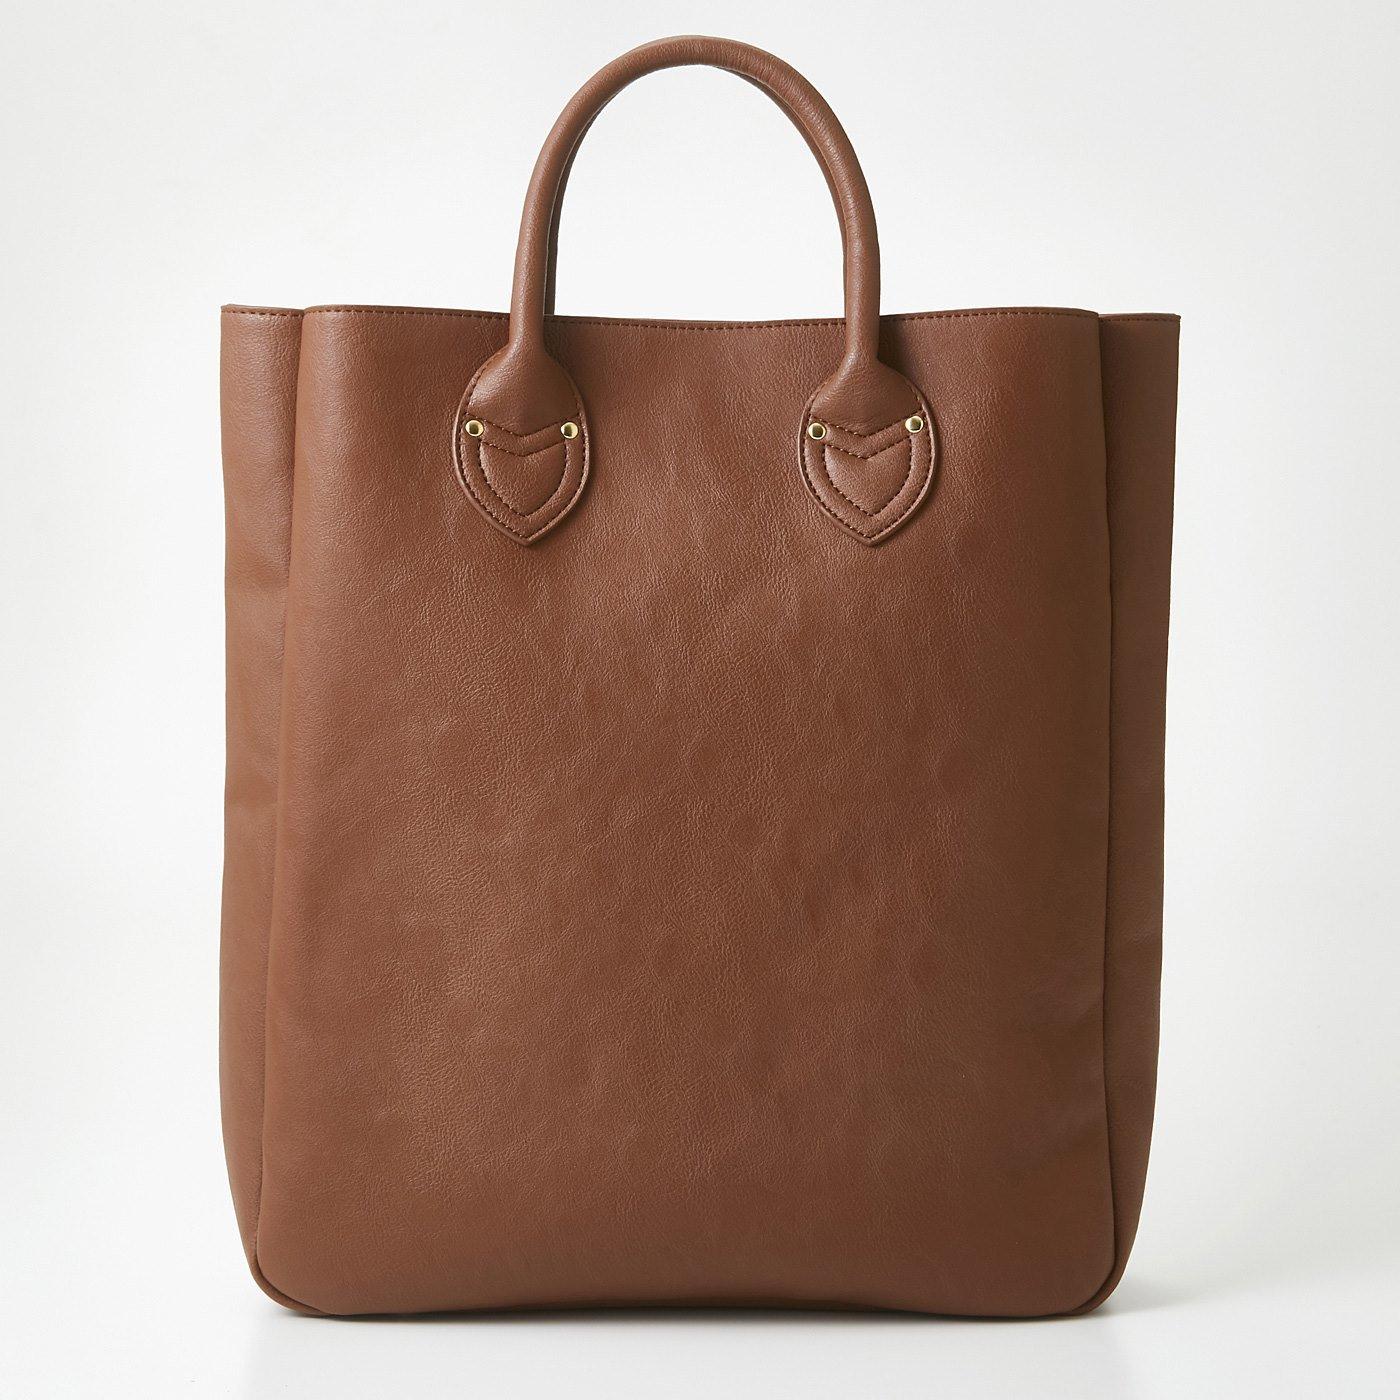 OSYAIRO カラーを楽しむ 大きな内ポケット付きビッグトートバッグ〈イエロー〉